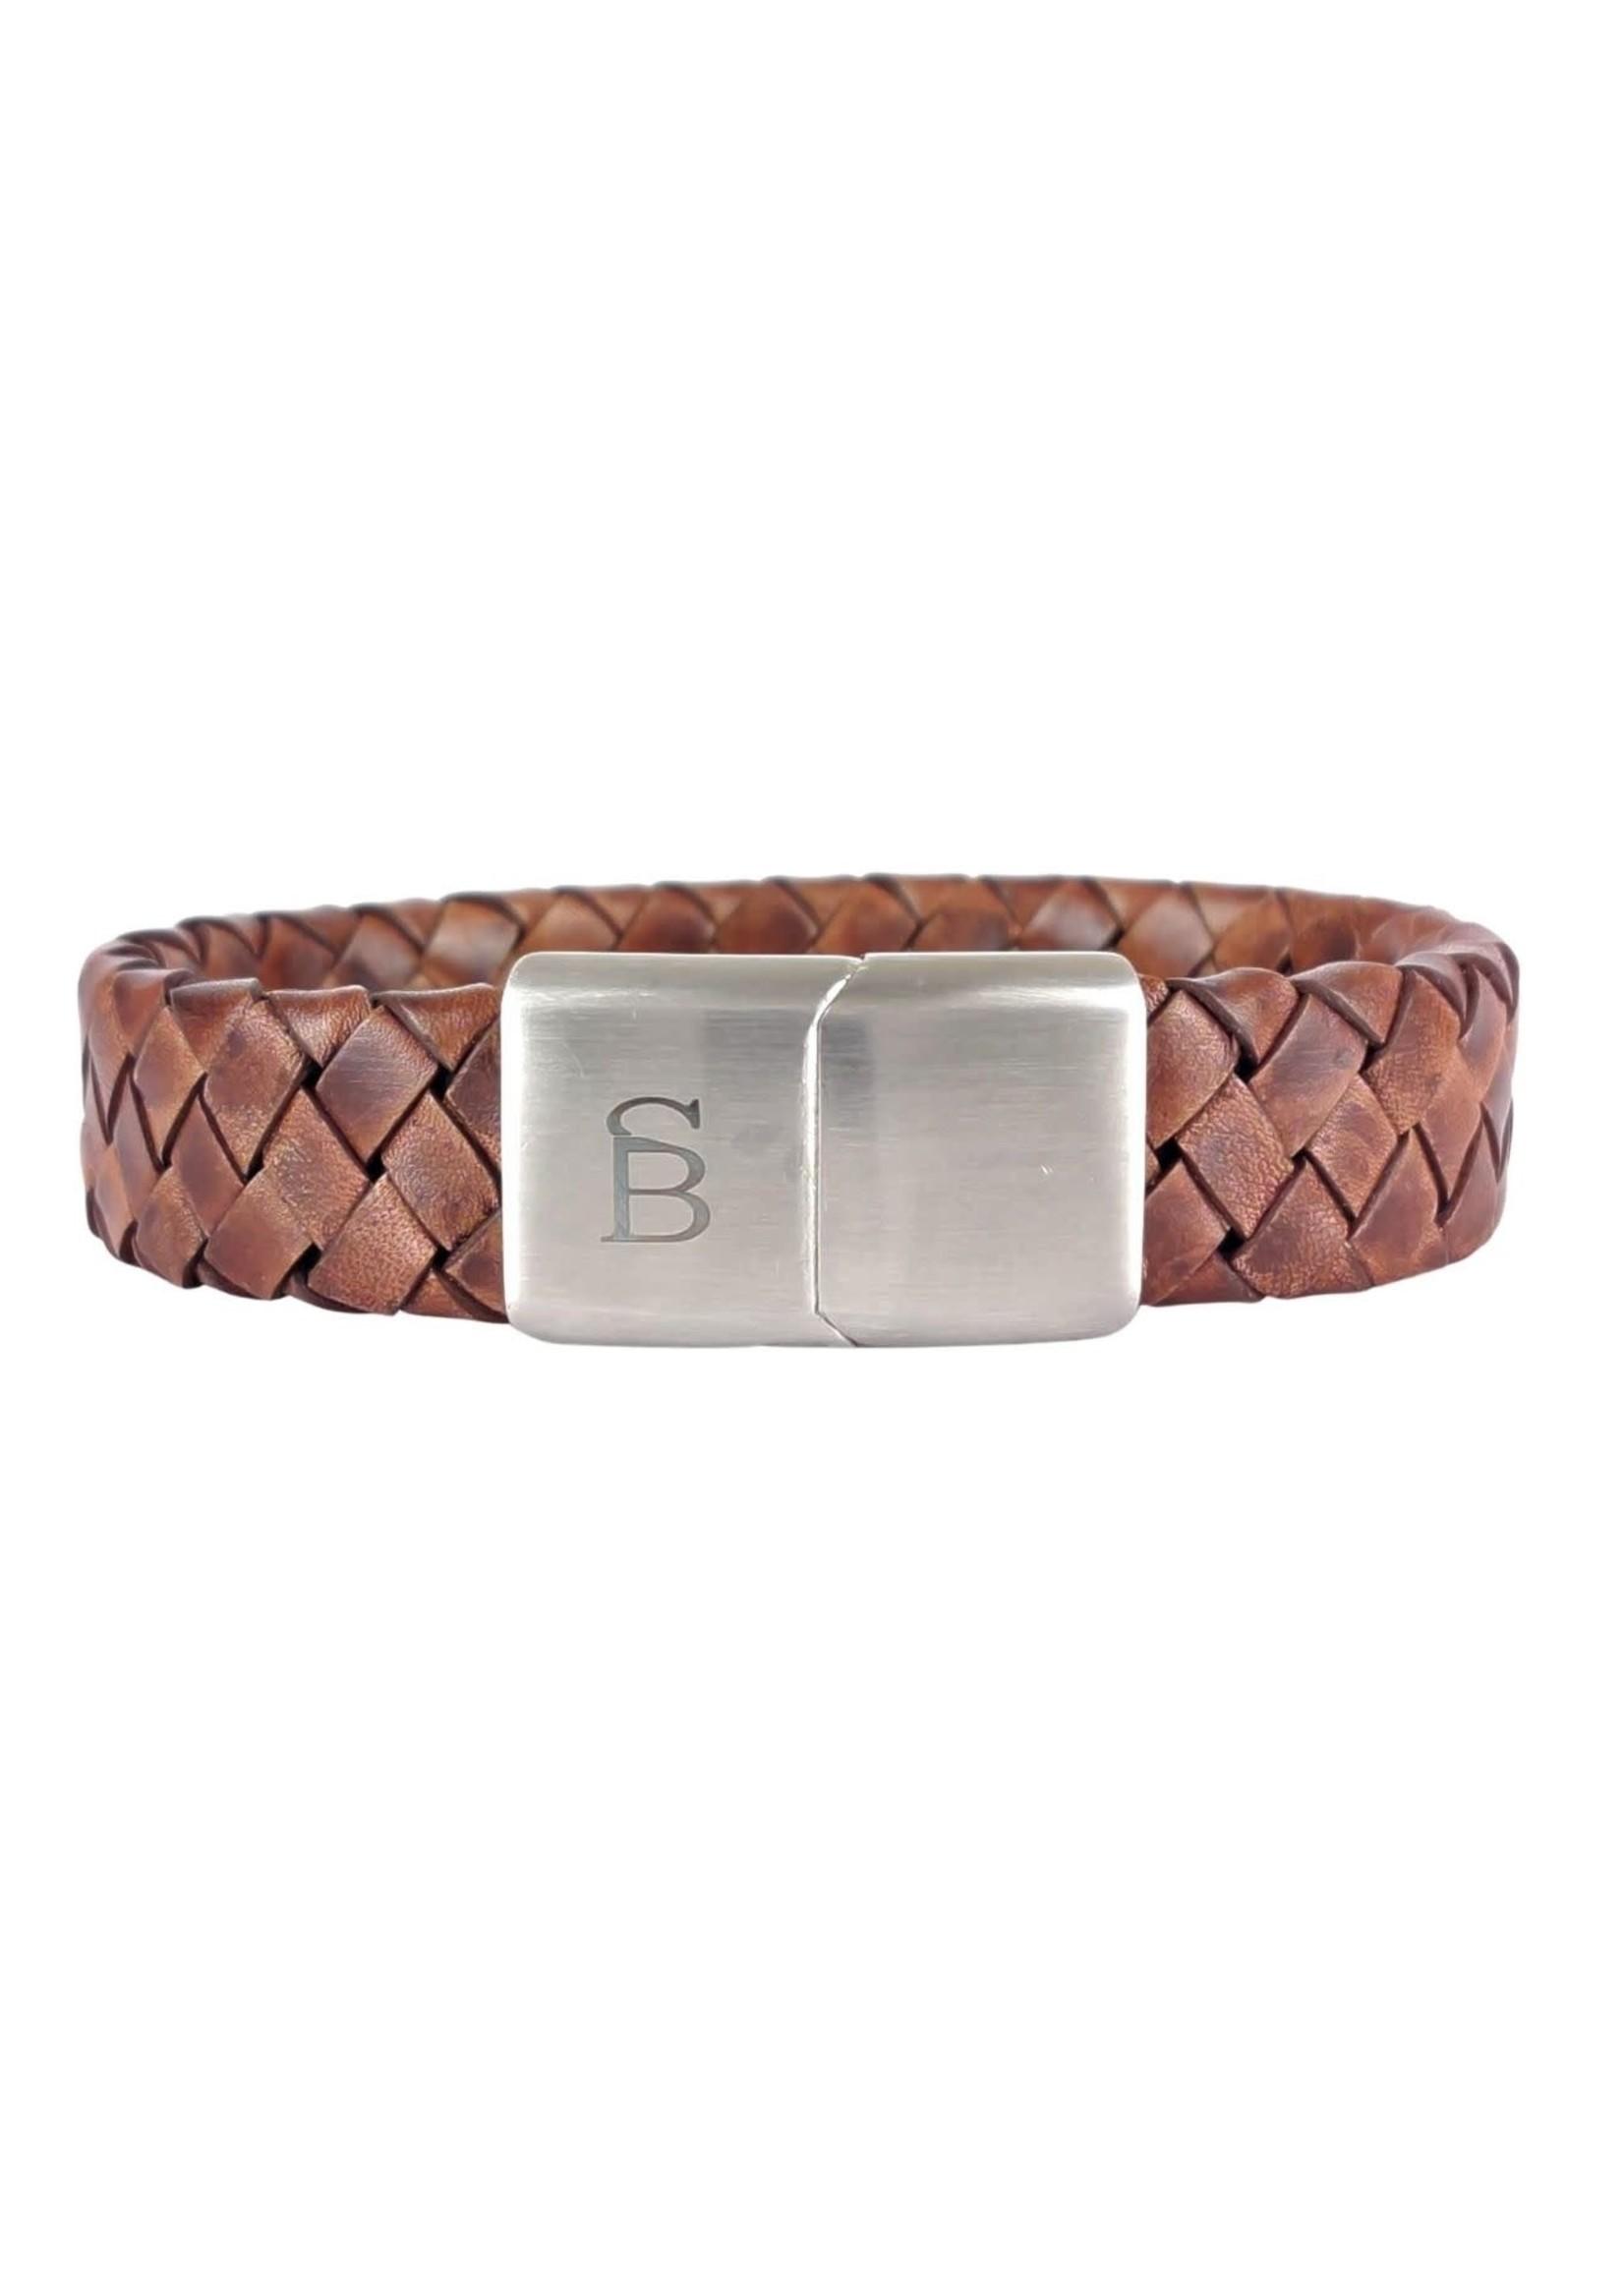 Steel & Barnett Leren Armband Preston | Caramel | Steel&Barnett